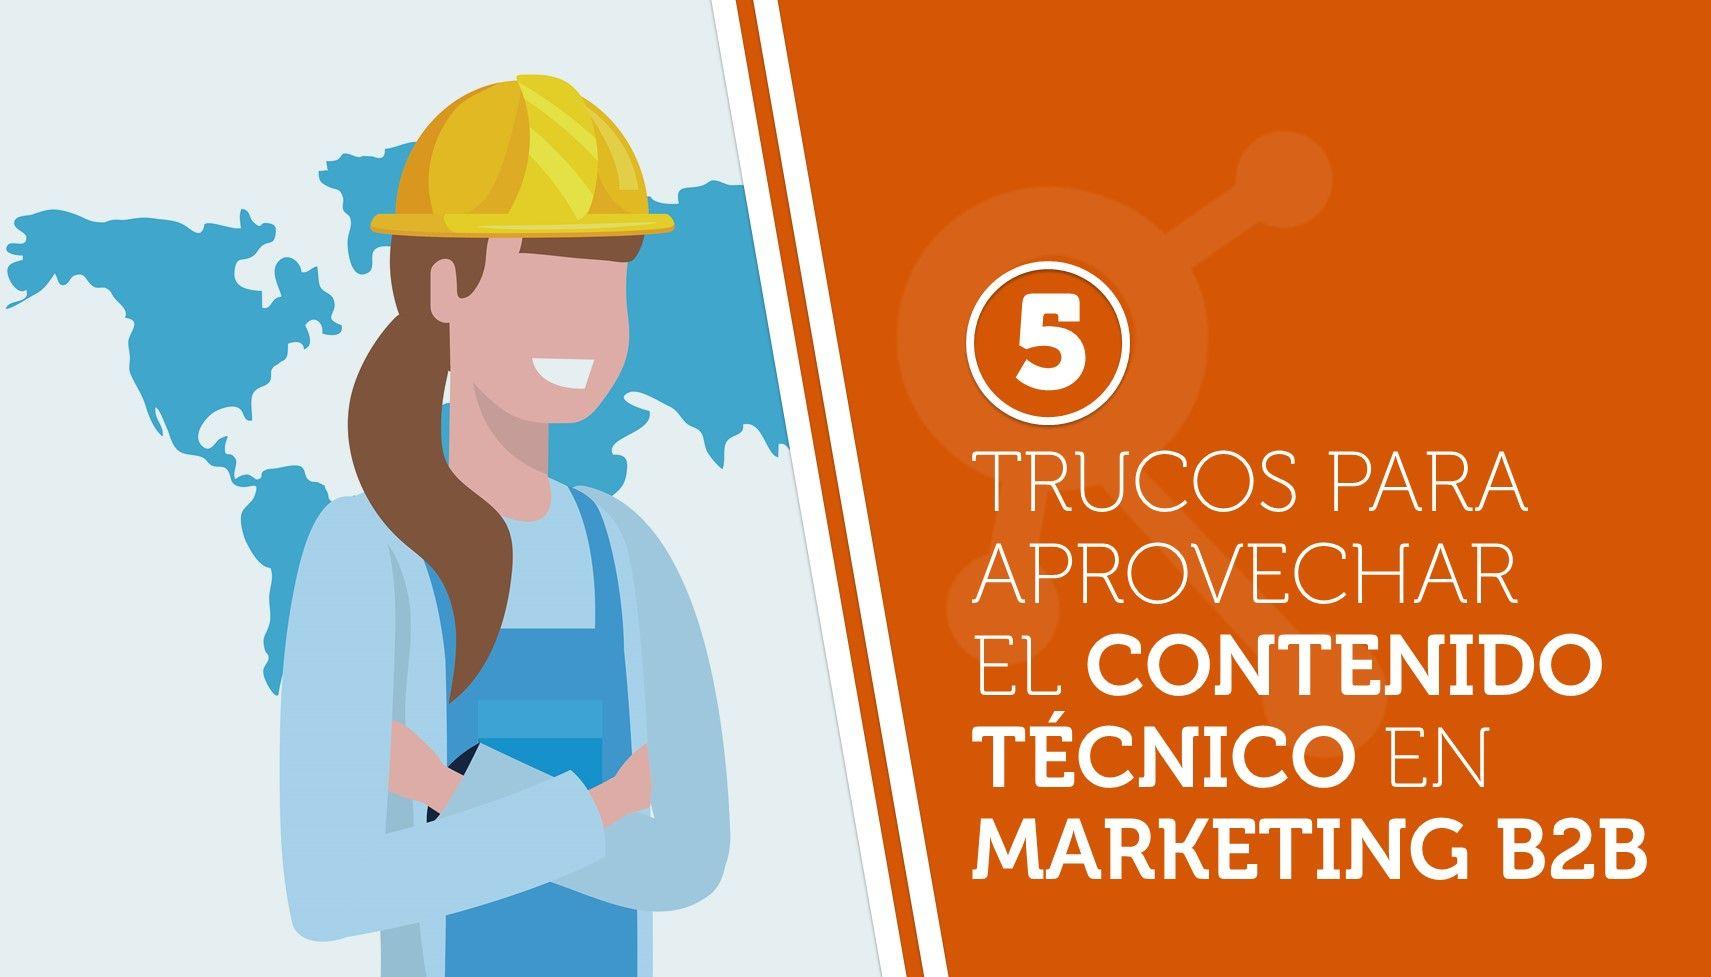 5 trucos para aprovechar el contenido técnico en marketing B2B